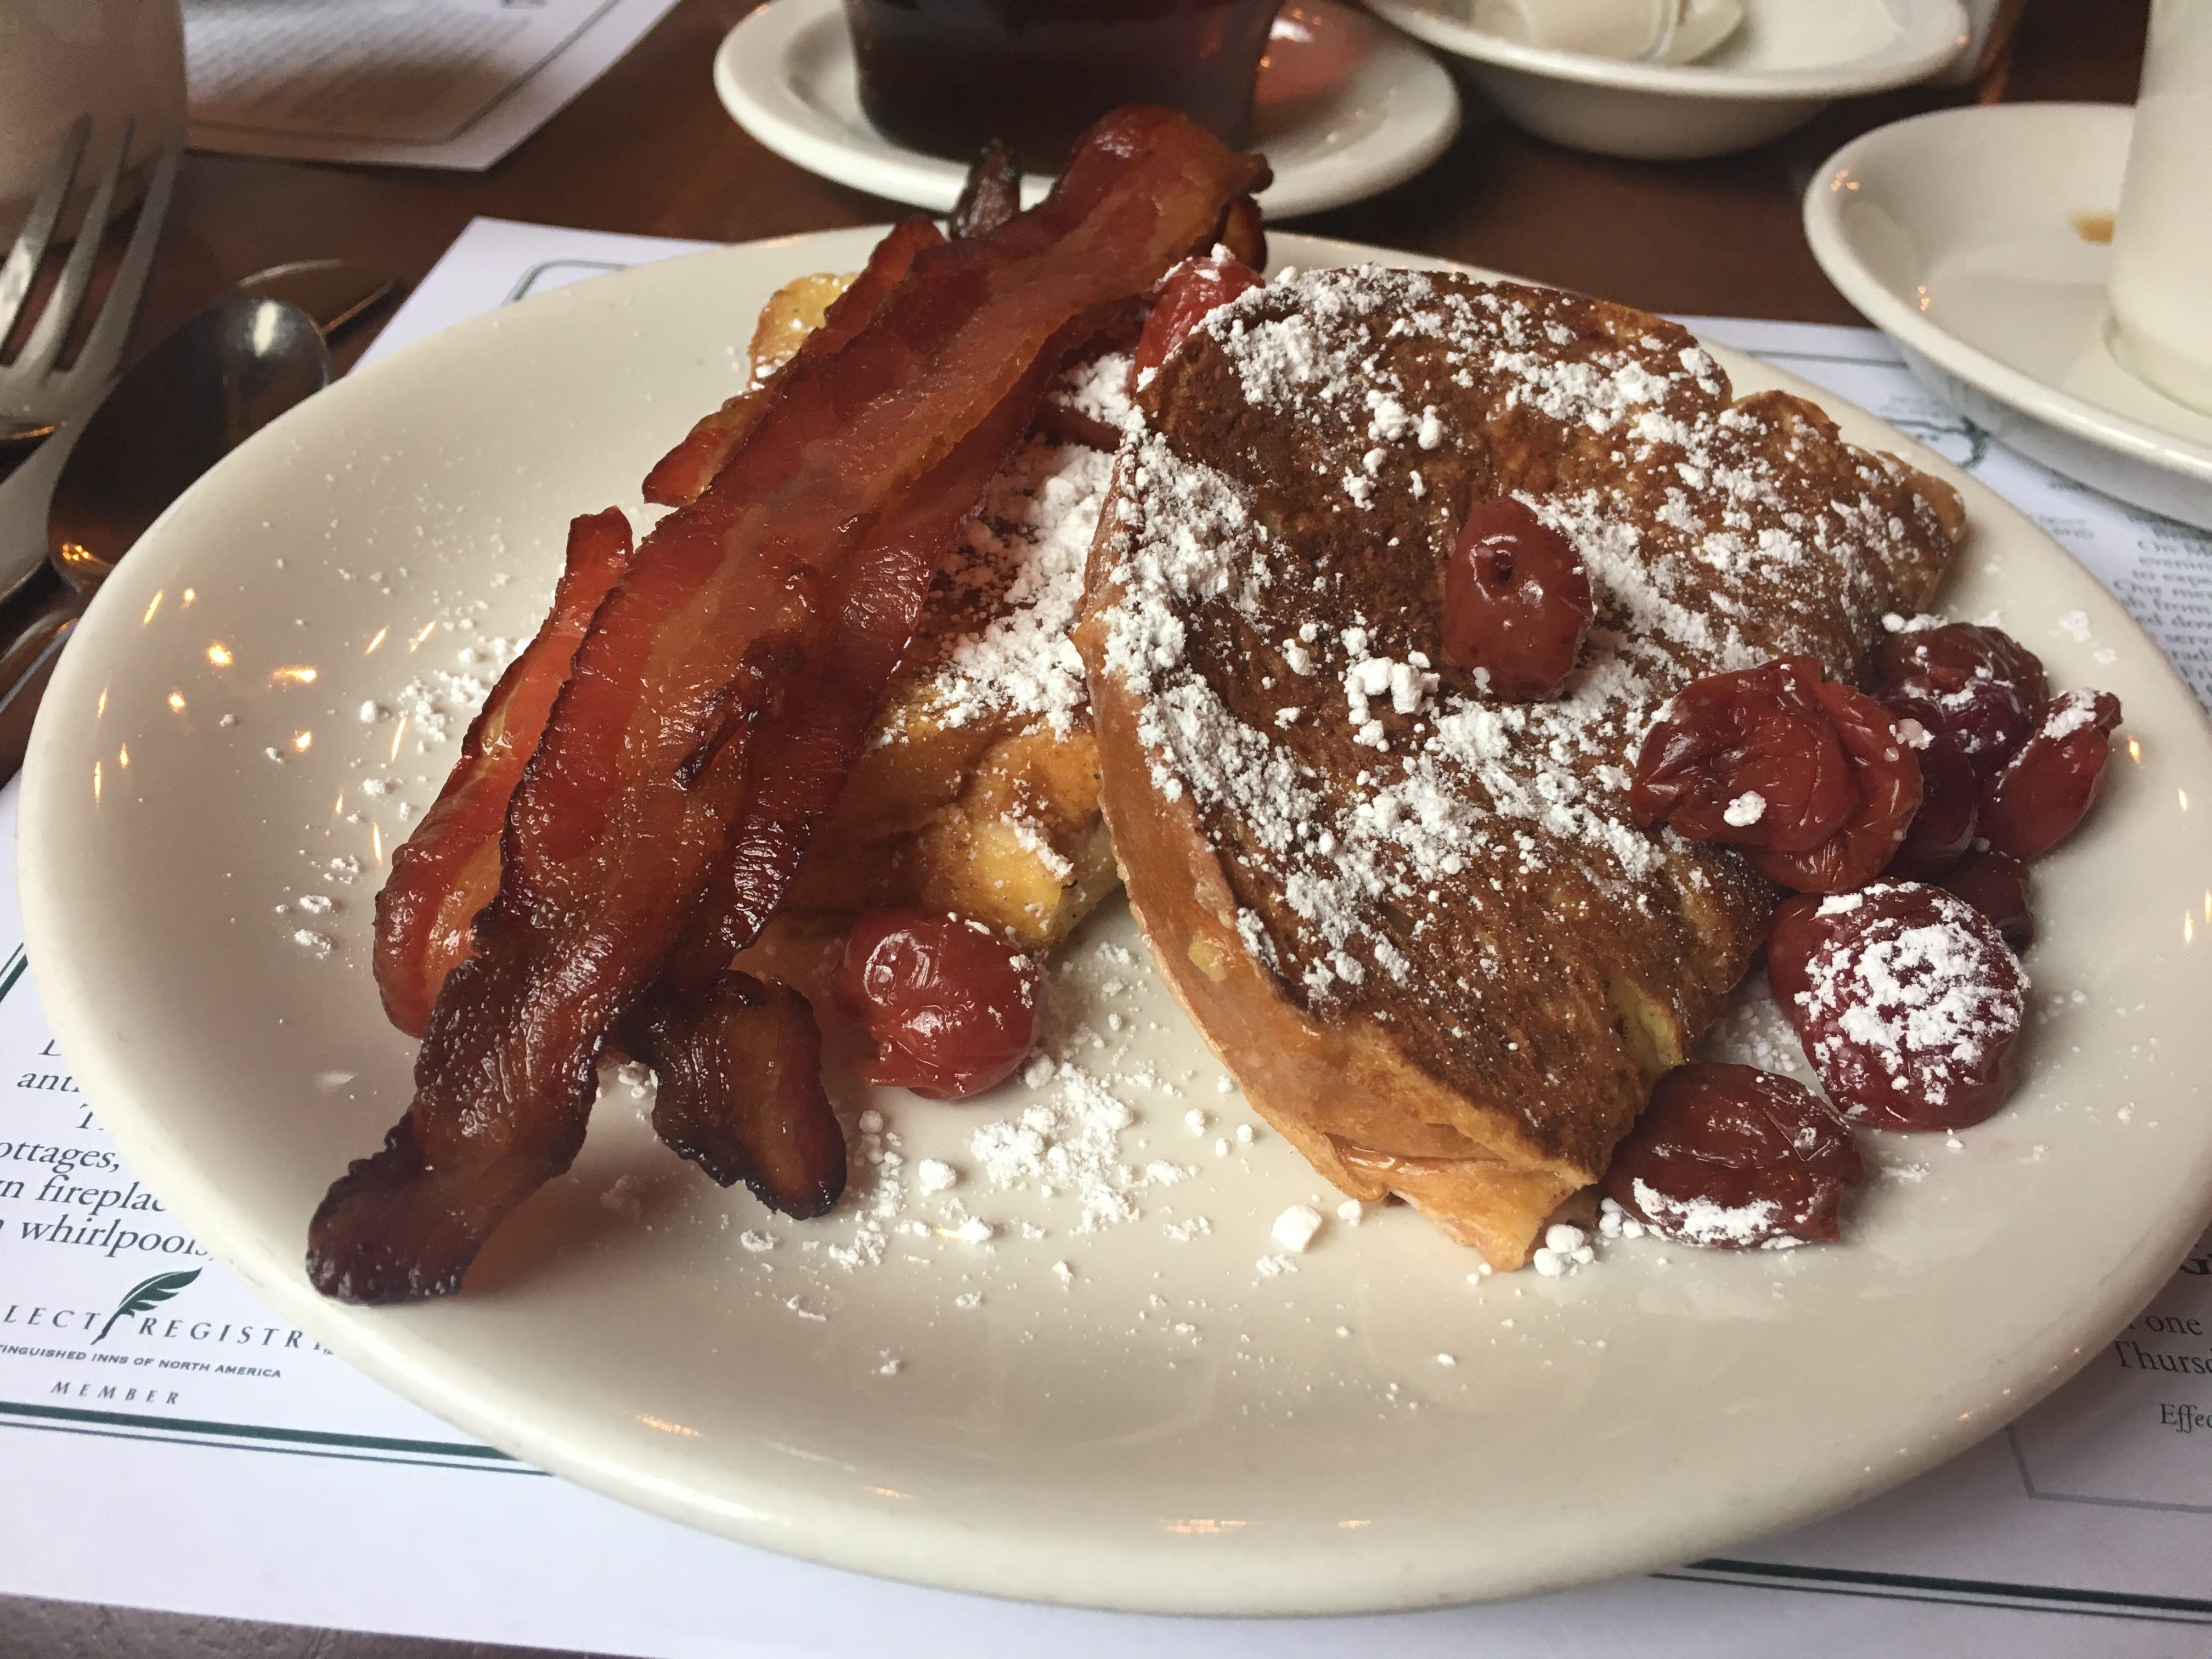 & Door County restaurants: Favorites include supper club BBQ cherries